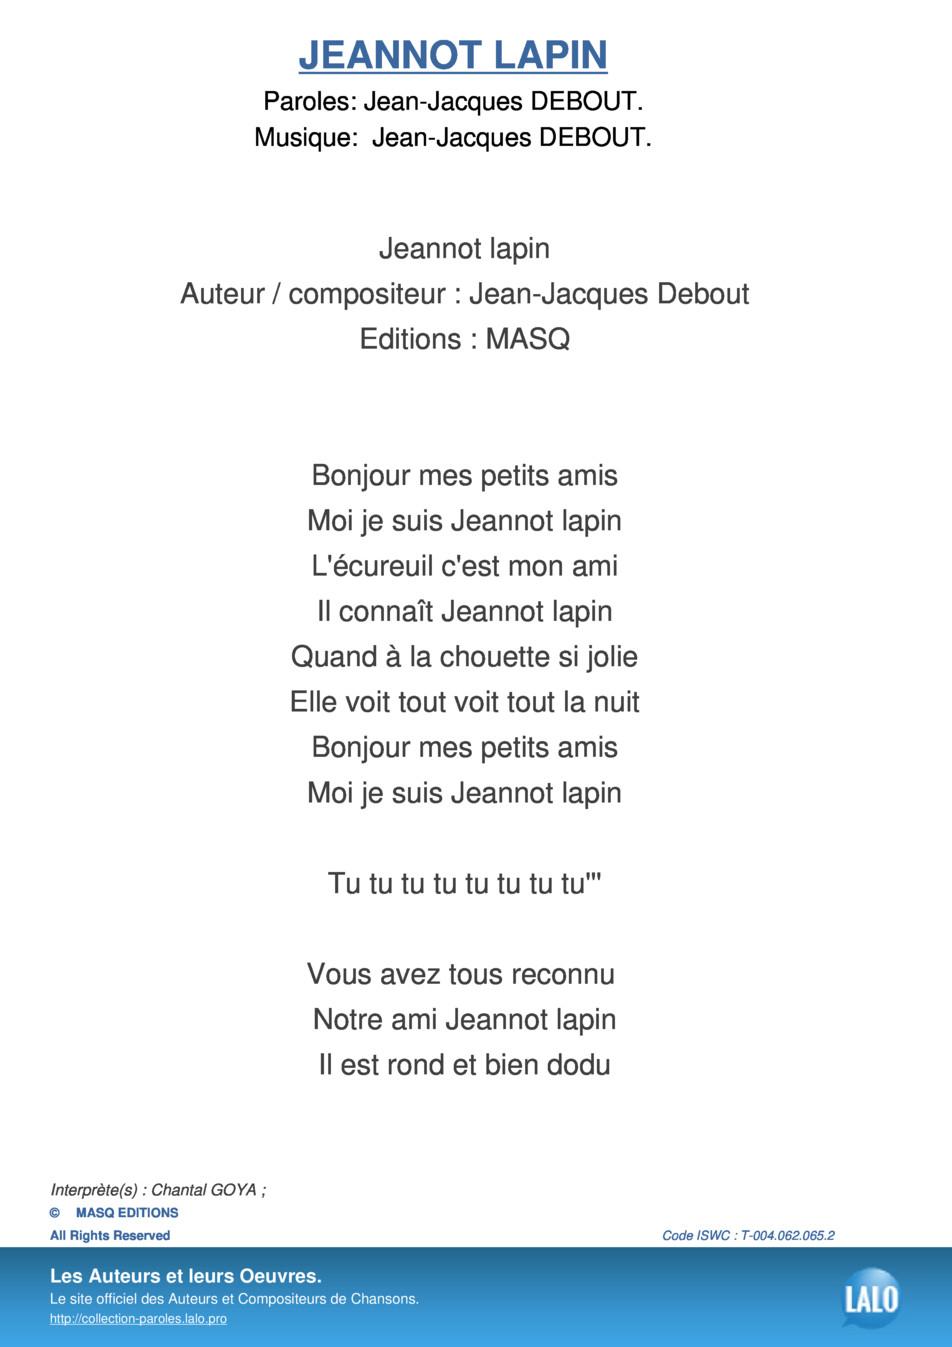 Paroles Et Musique De Jeannot Lapin Chantal Goya - Lalo.pro encequiconcerne Chanson Enfant Lapin